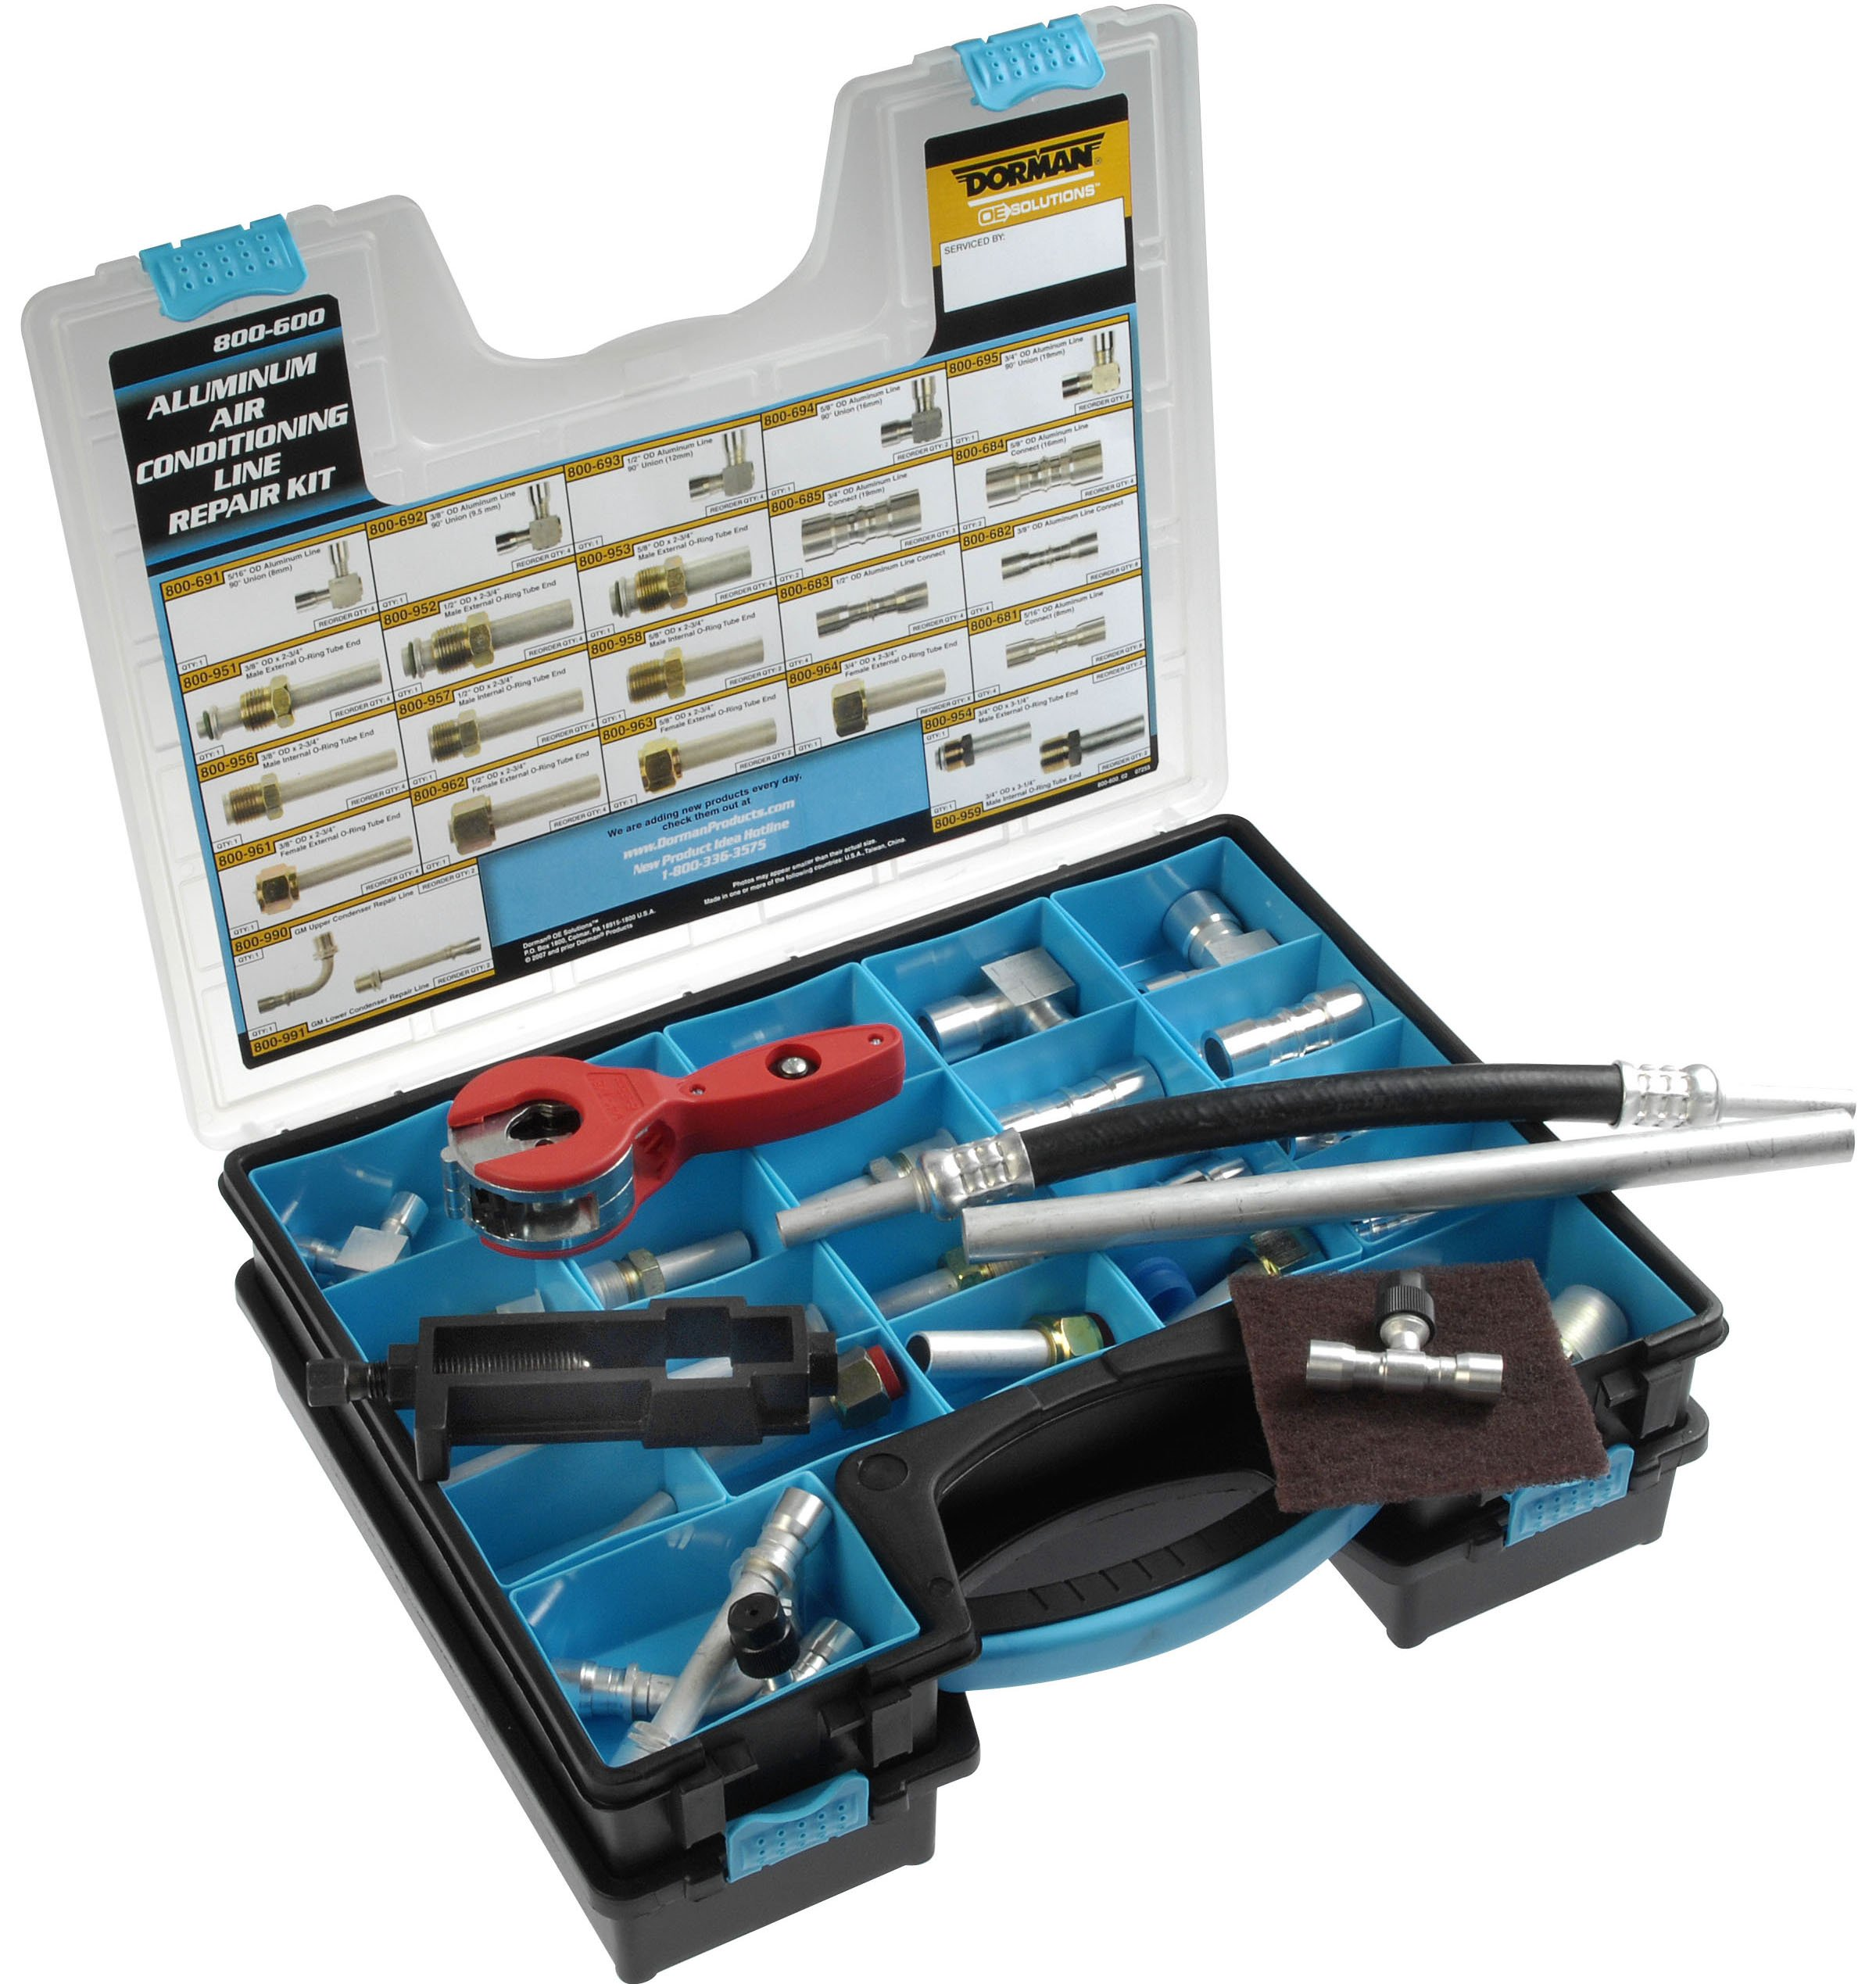 Dorman 800-600 Air Conditioning Line Repair Kit